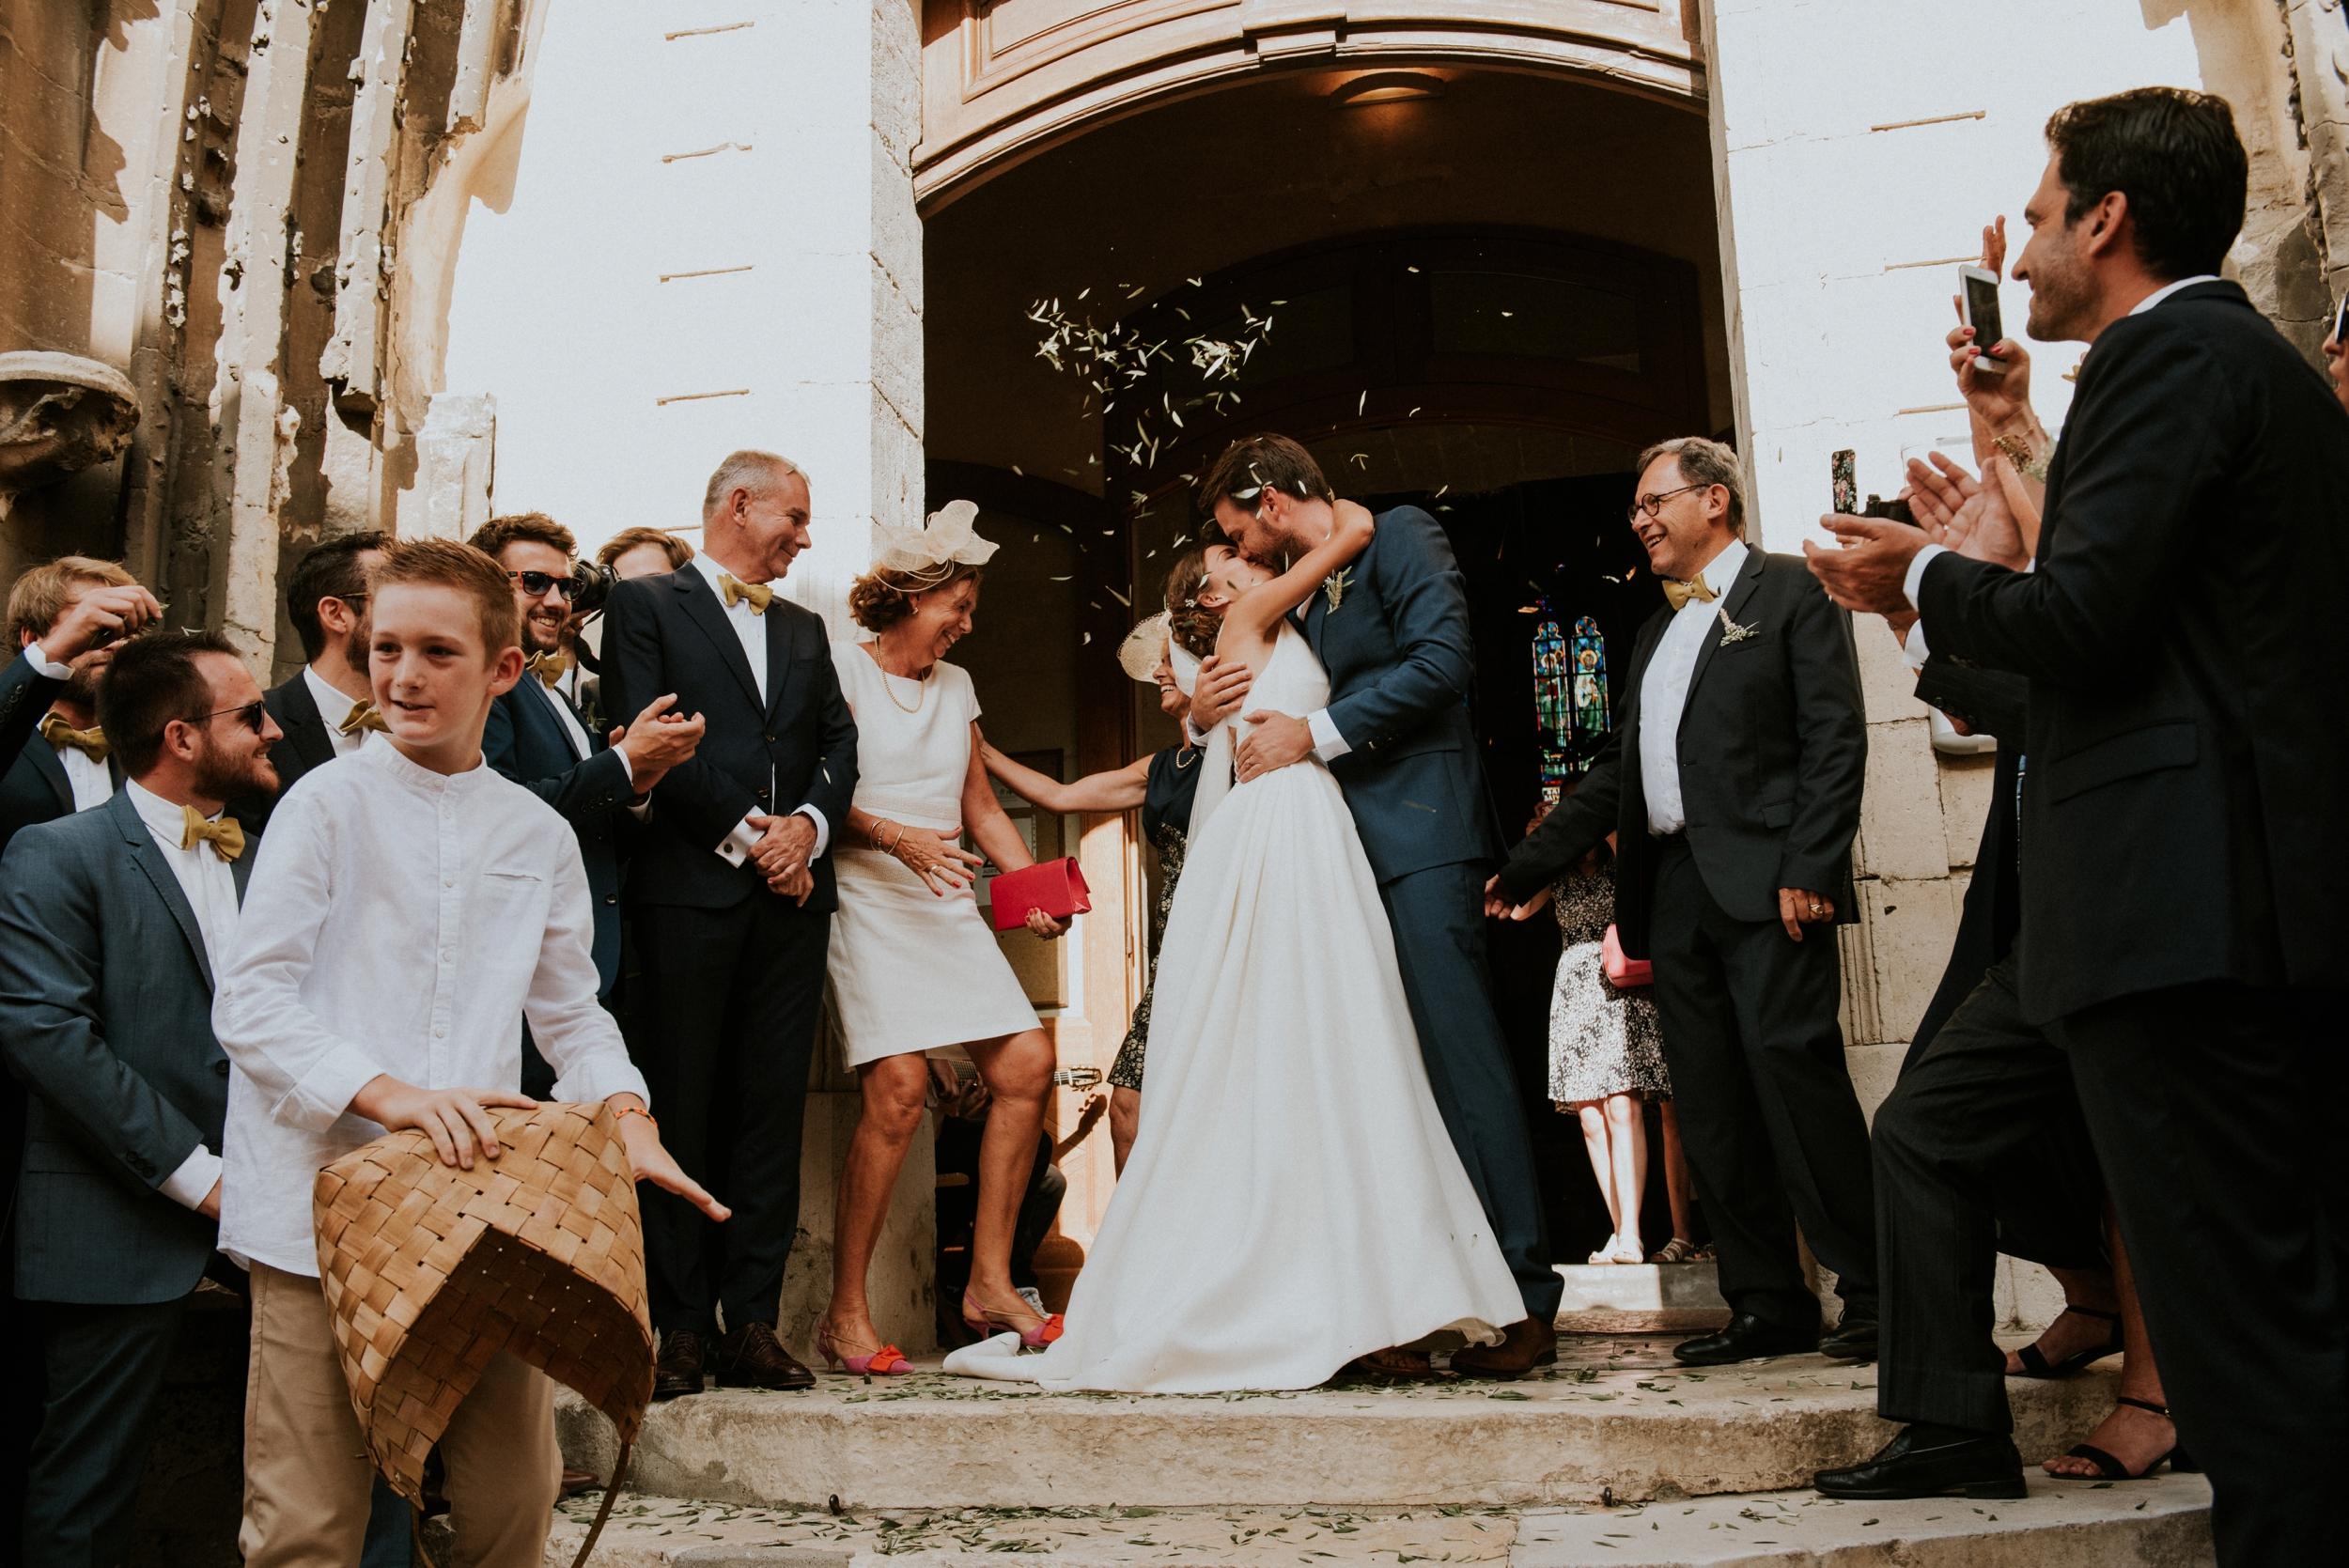 photographe mariage rhone alpes grenoble lyon annecy geneve montagne ceremonie laique_0030